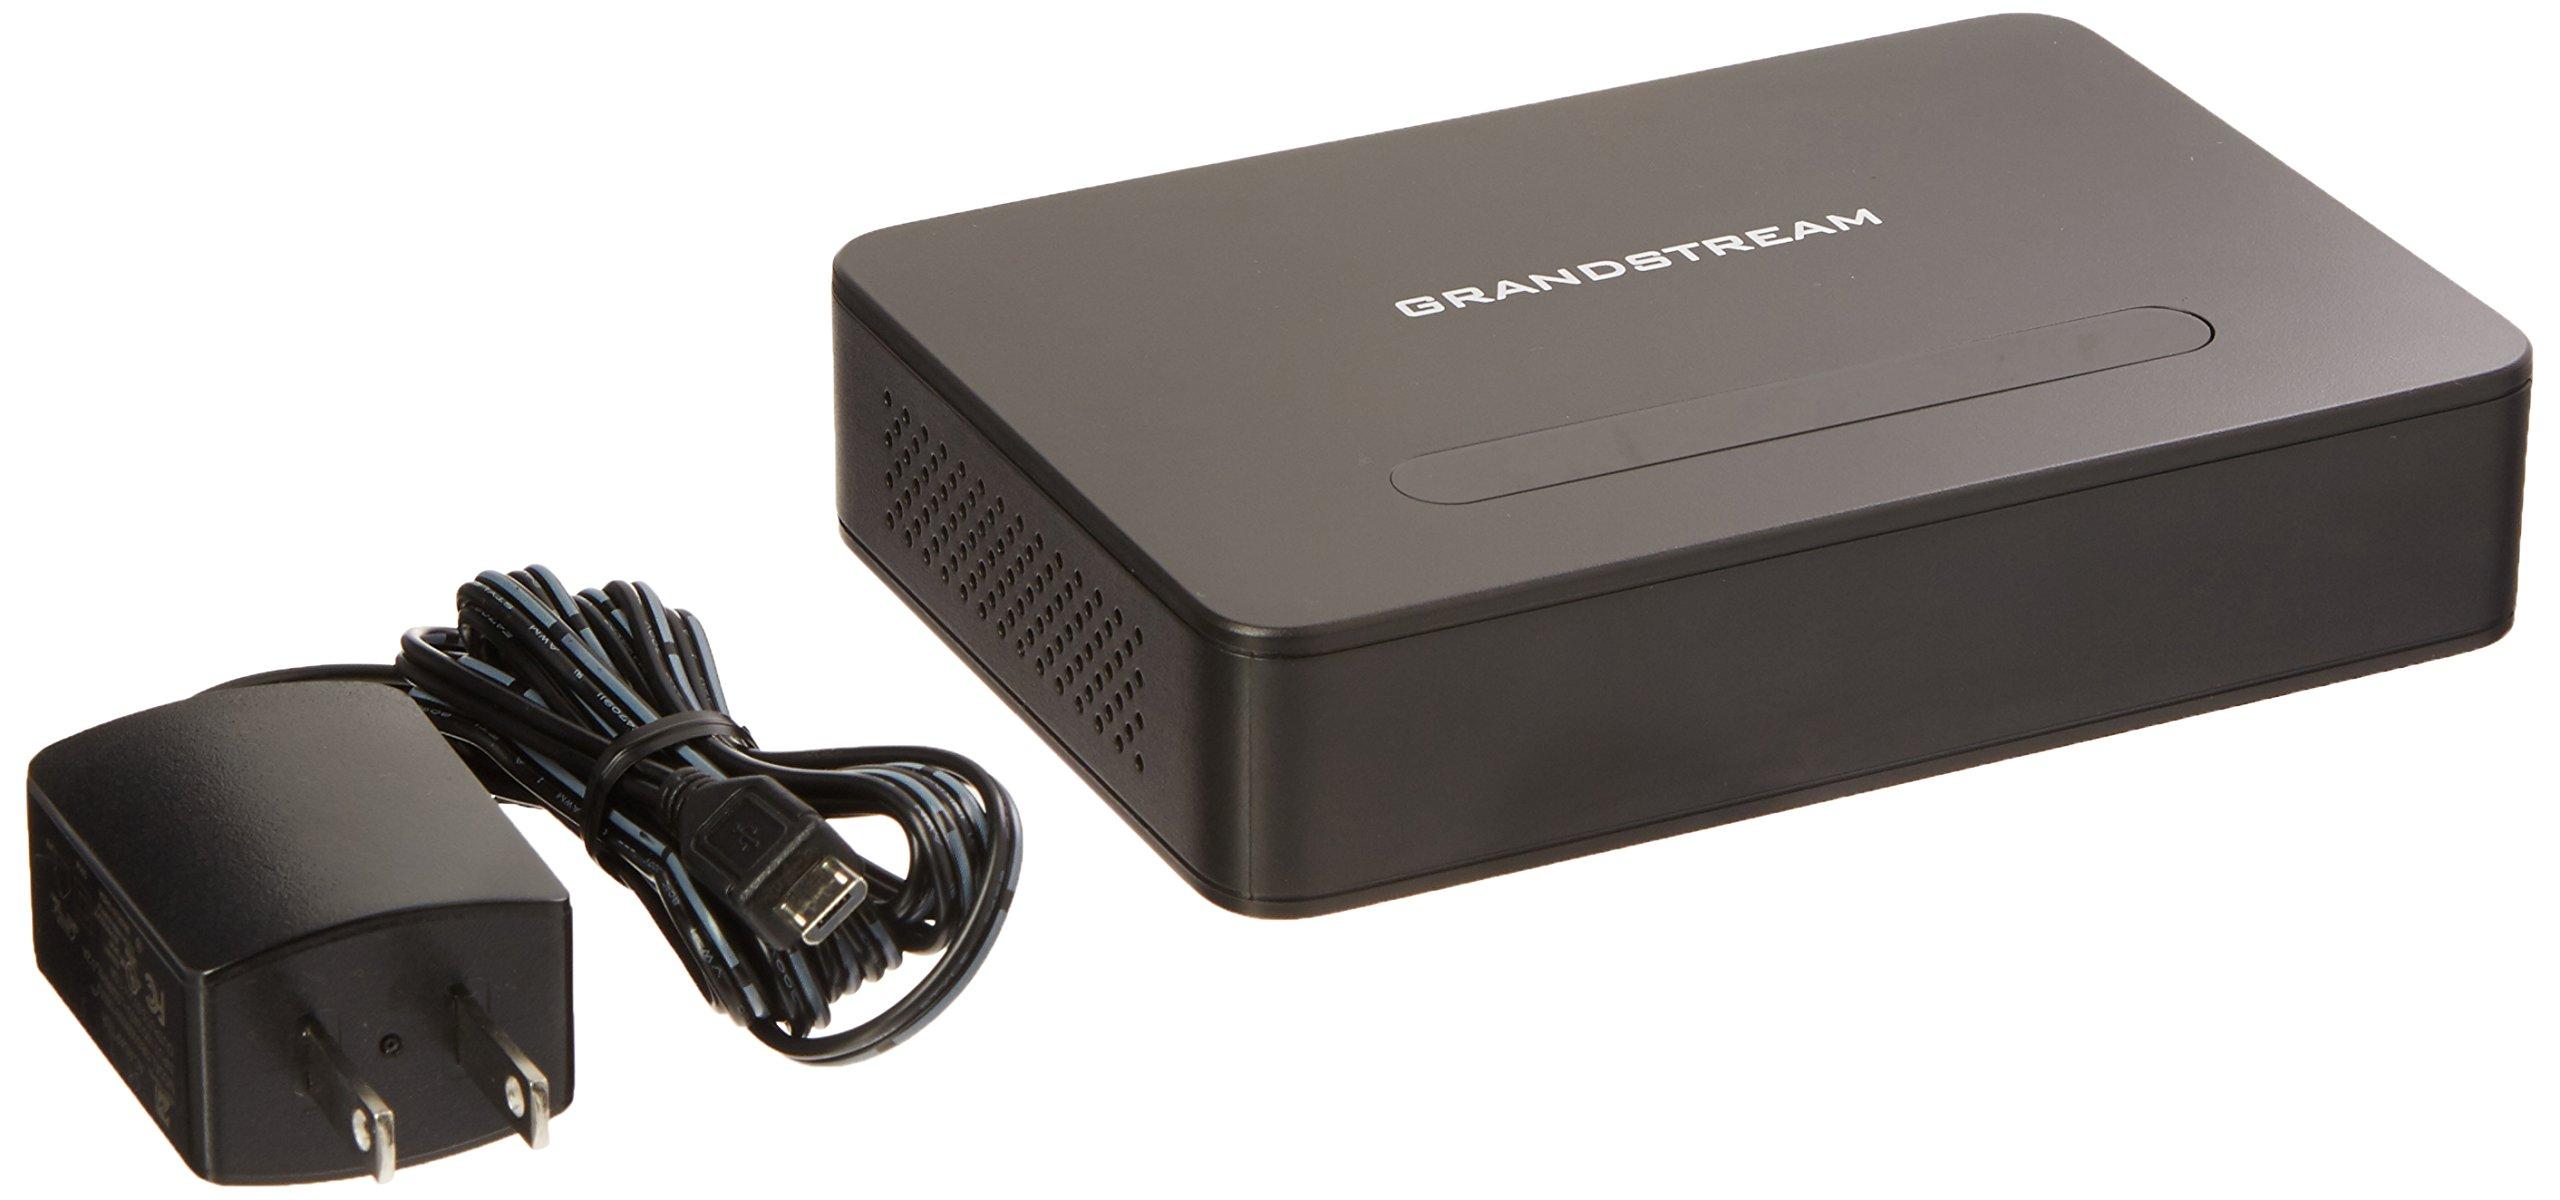 Grandstream DP750 DECT VoIP Base Station (Black)